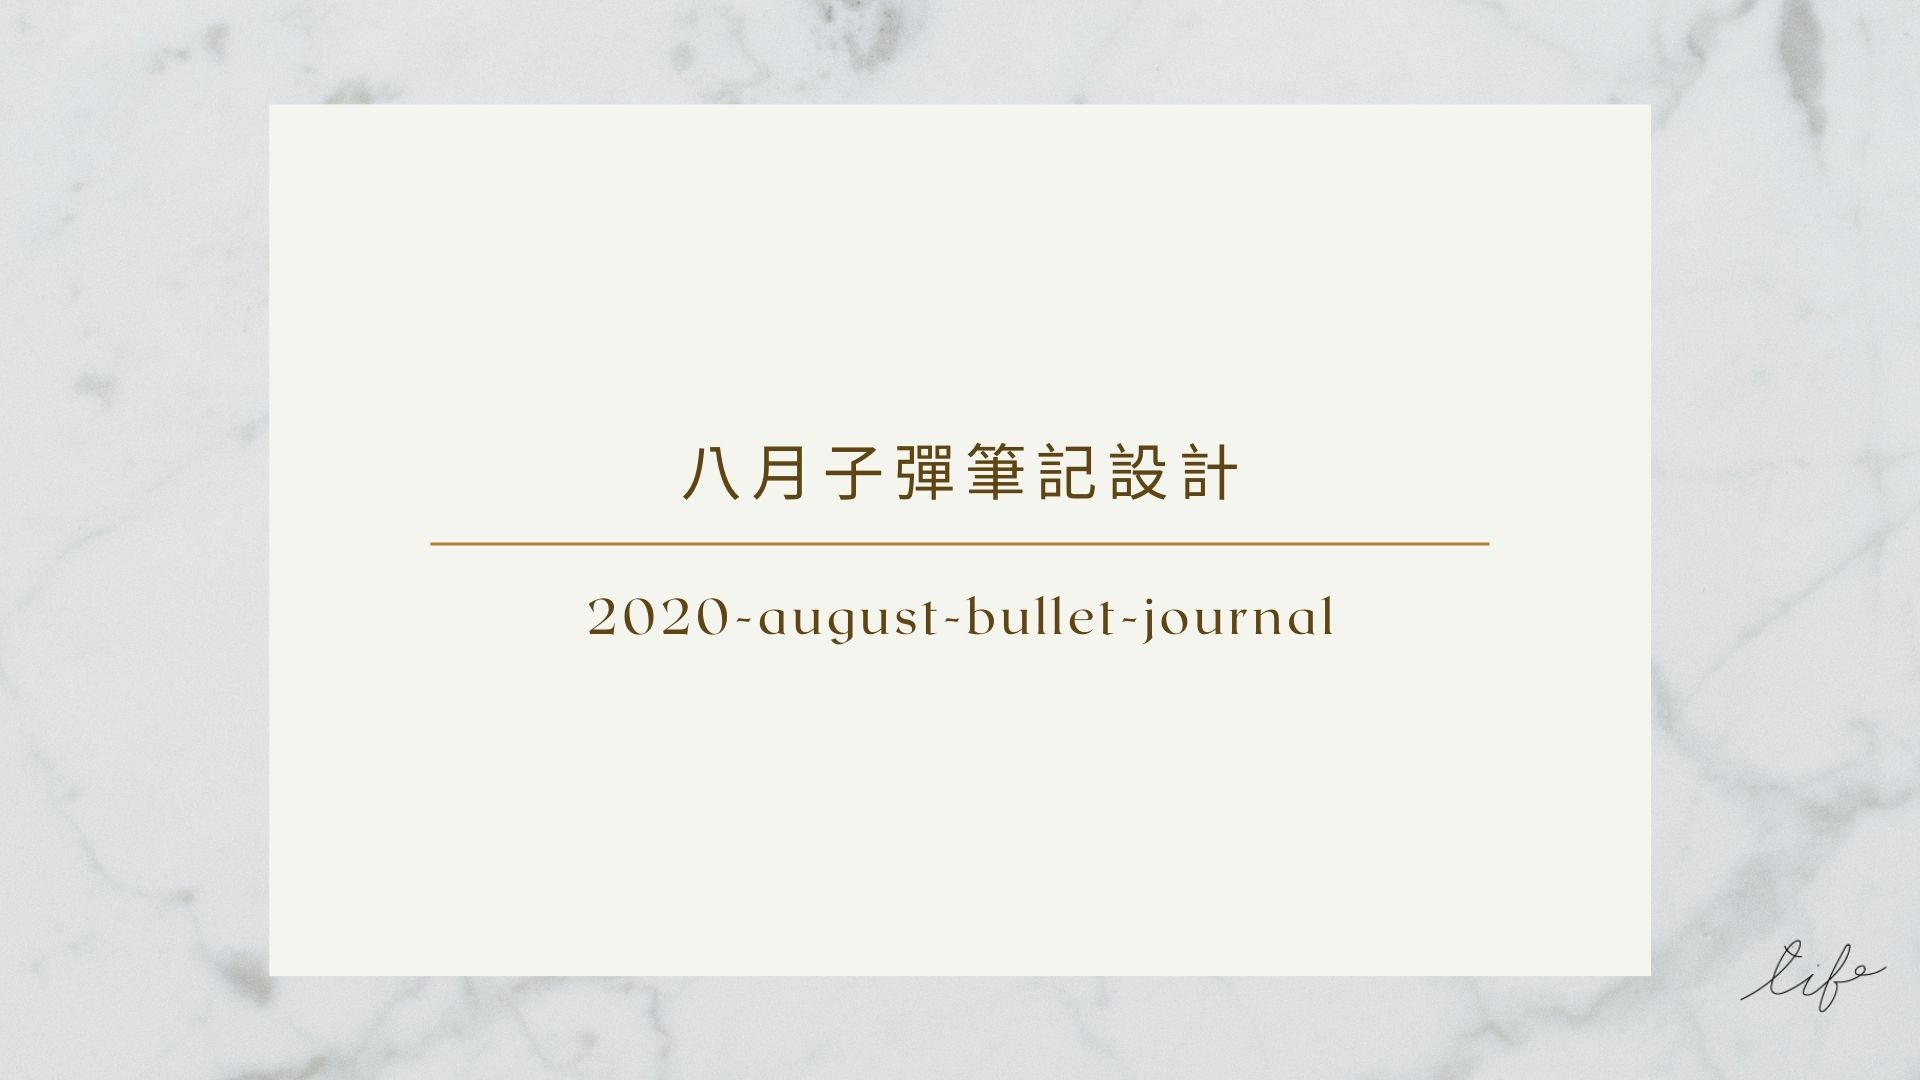 2020-august-bullet-journal